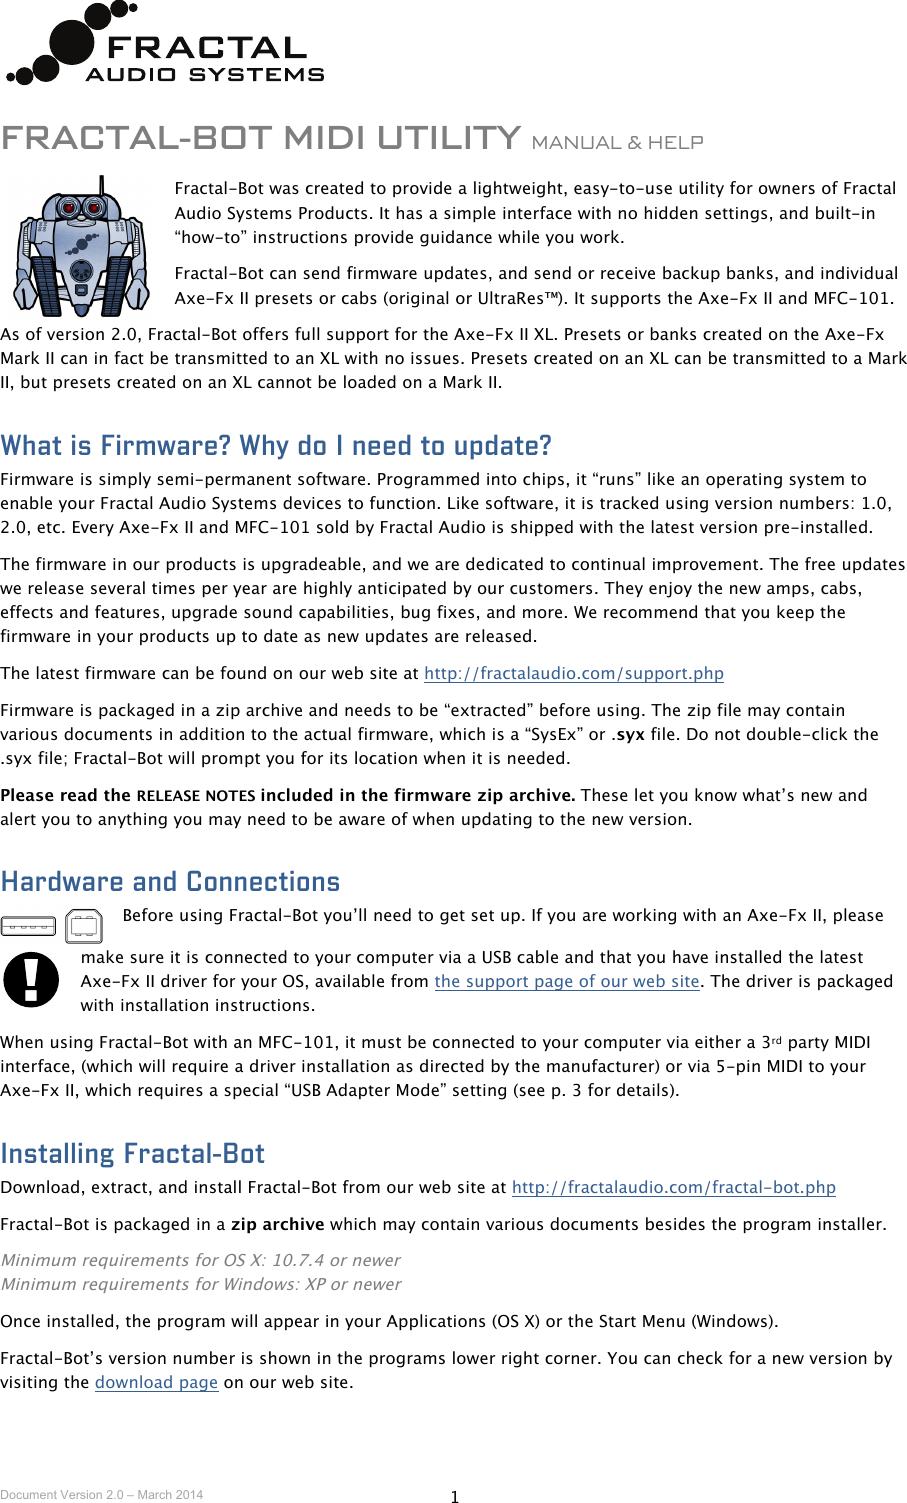 Fractal Bot Mini Manual V2 0 2p0